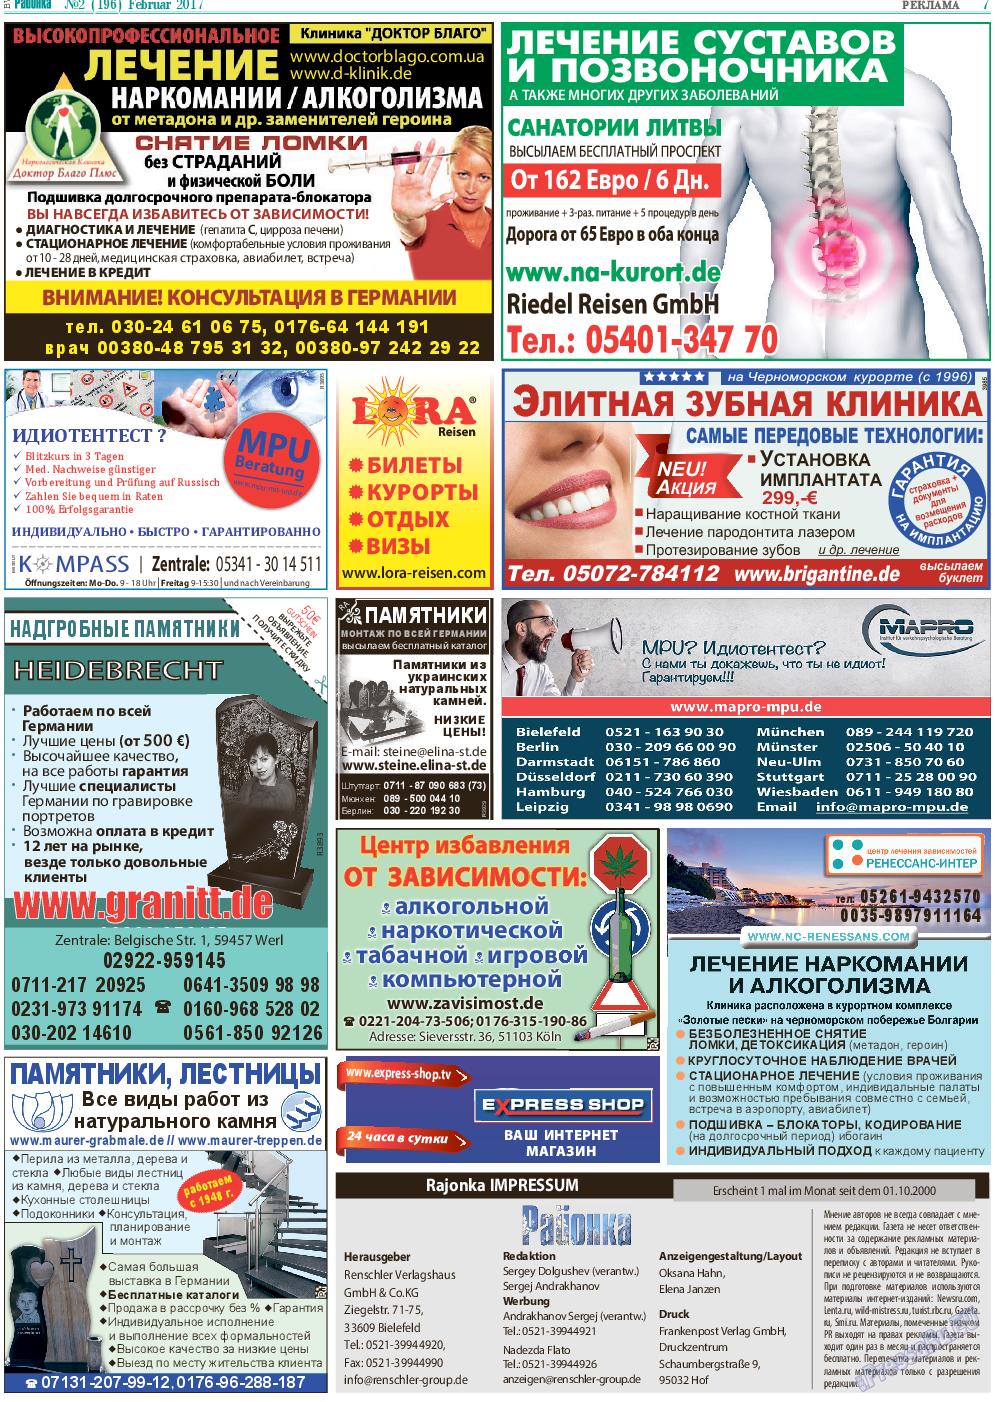 Районка-West (газета). 2017 год, номер 2, стр. 7